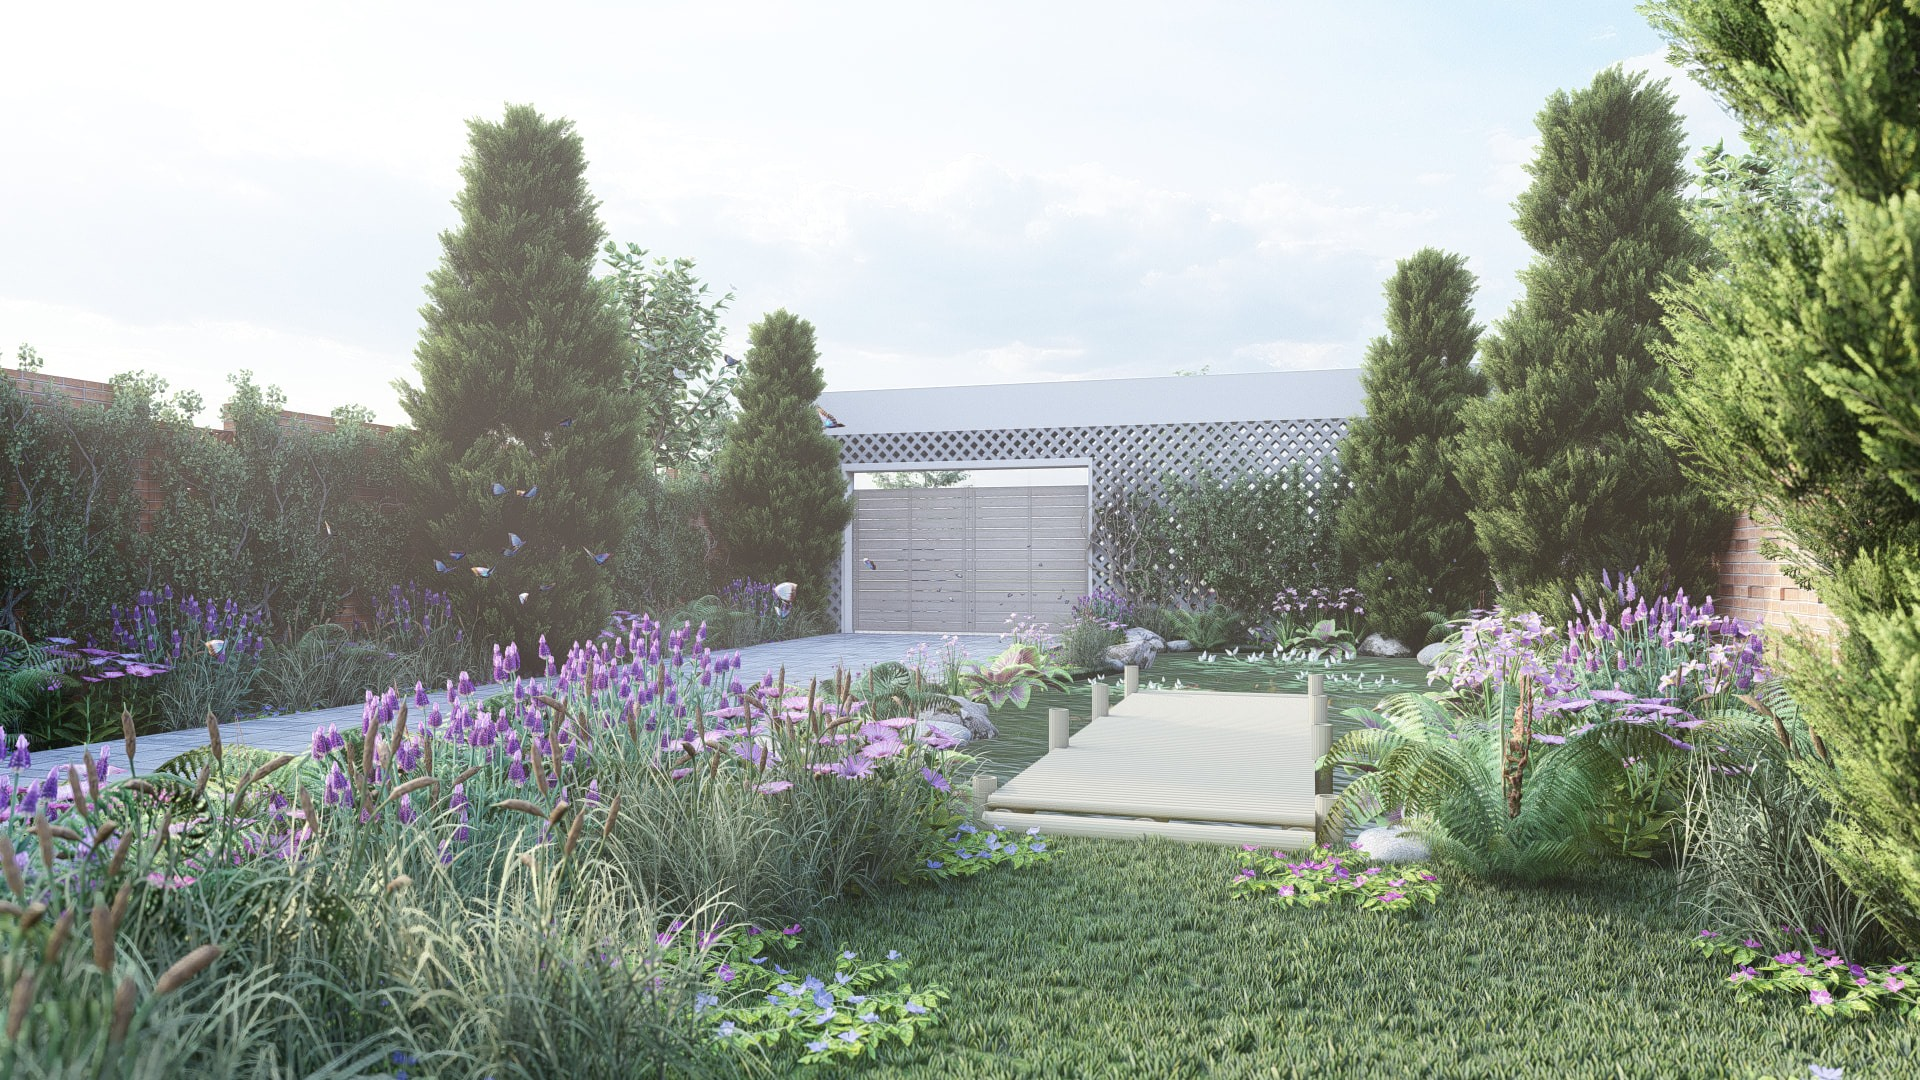 thiết kế Nhà tại Đồng Nai NHÀ SINH HOẠT TUẦN ,NGHĨ DƯỠNG  22 1557156715